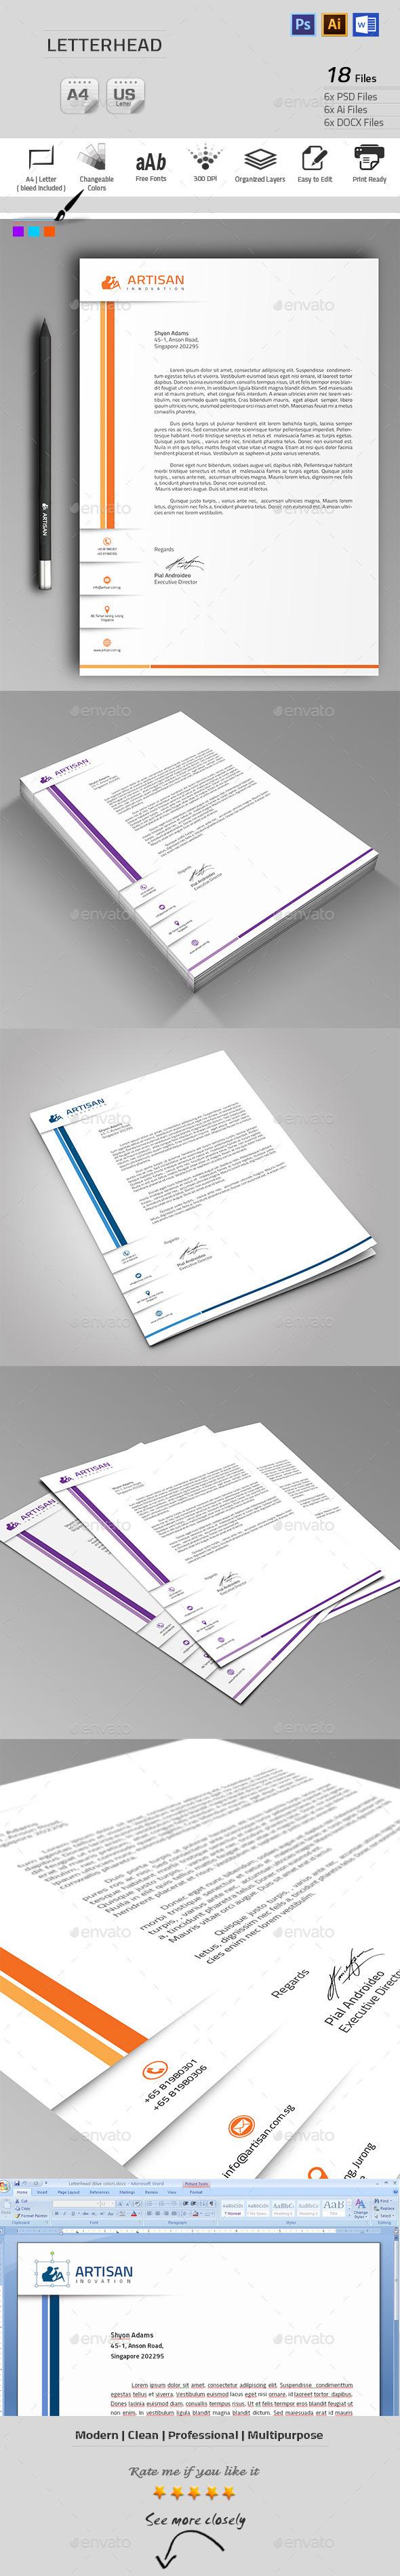 GraphicRiver Letterhead 9905911